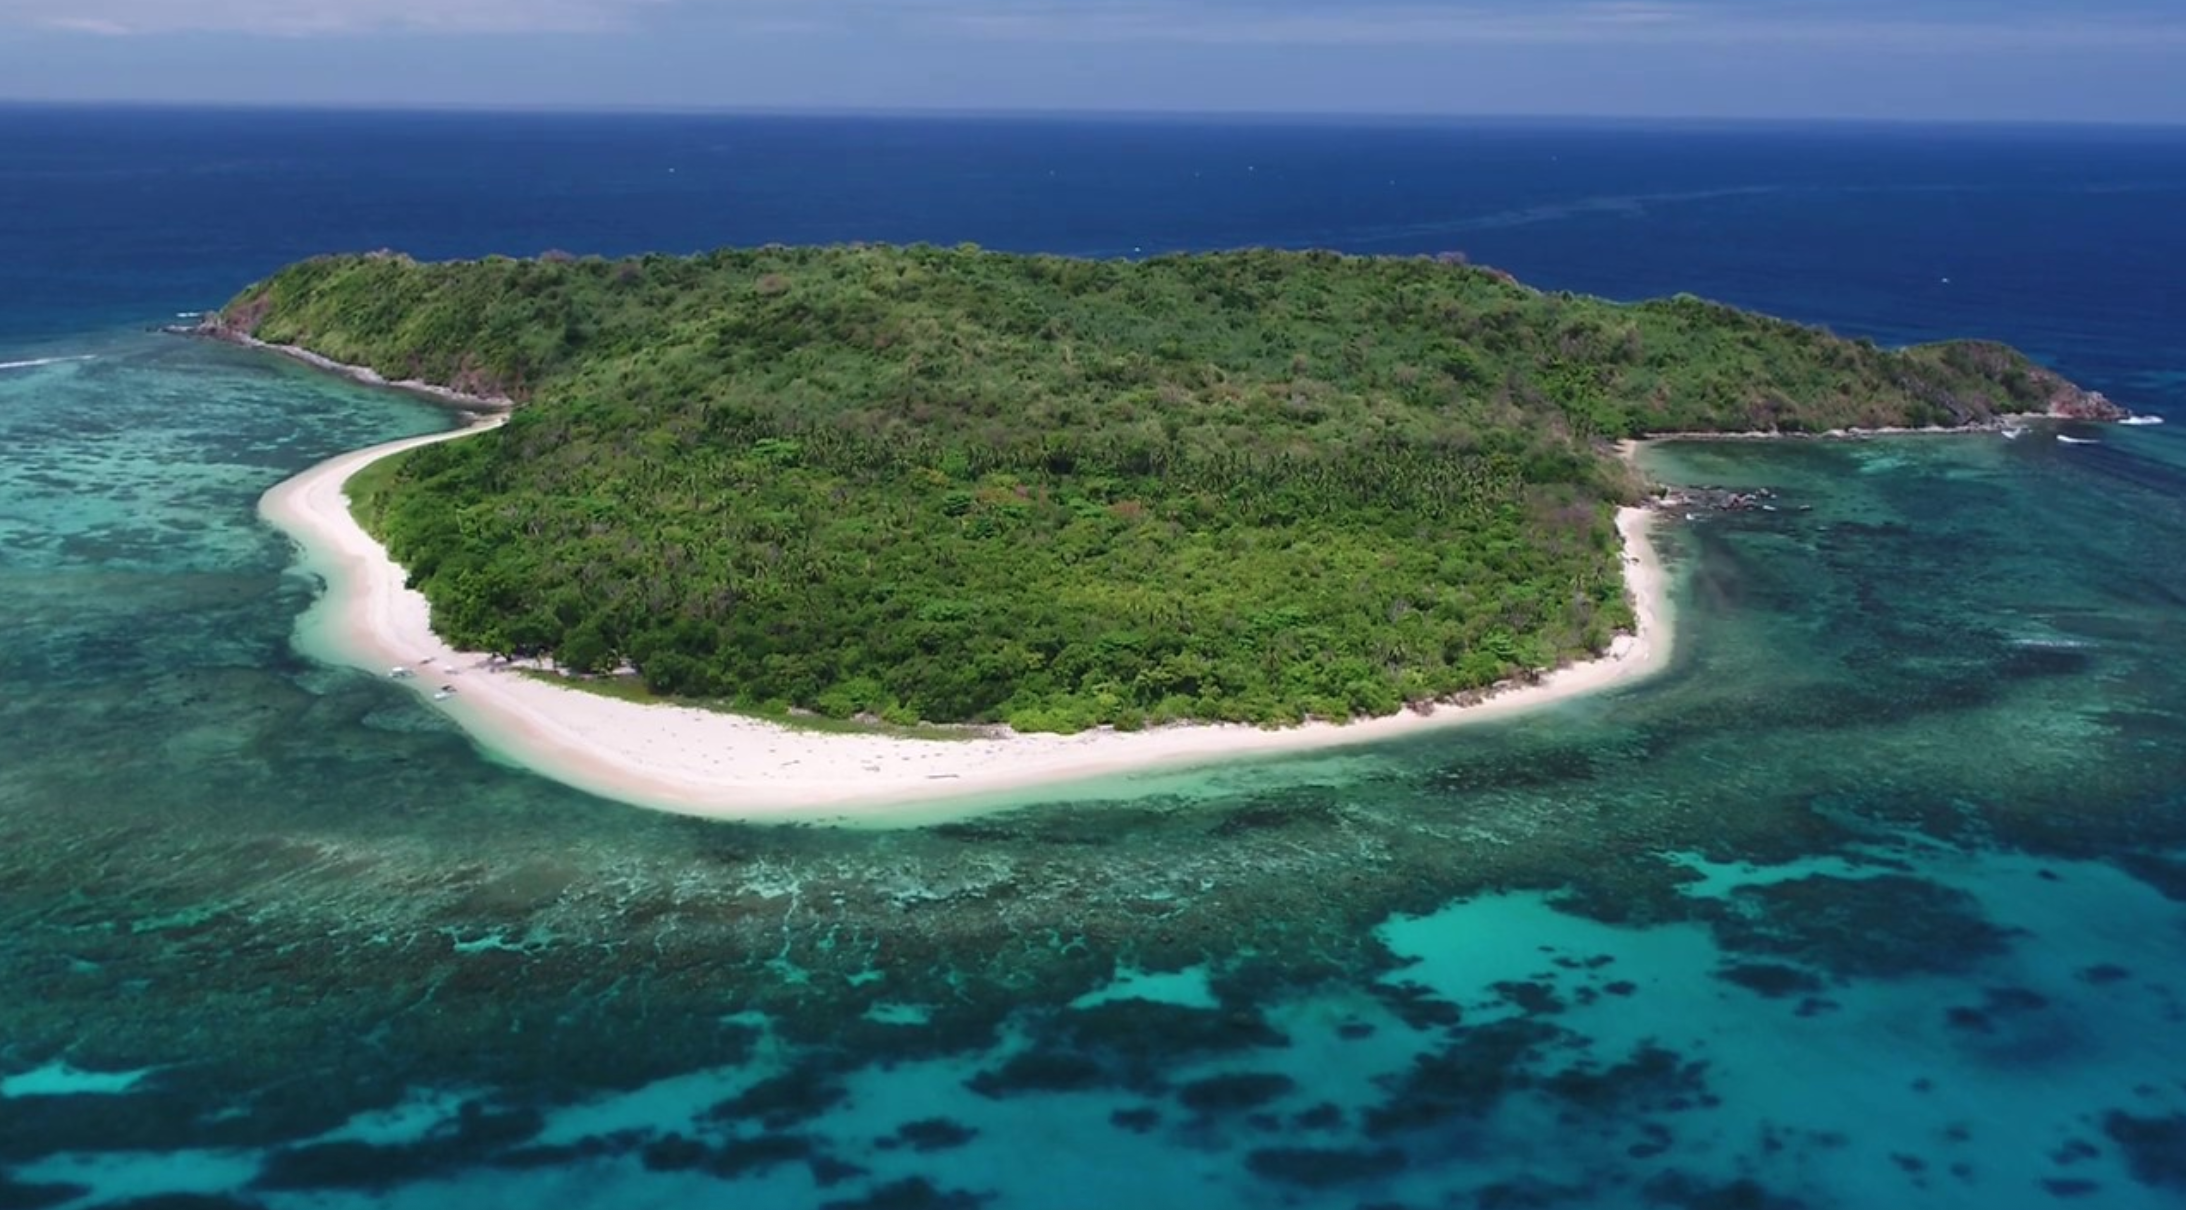 Your uninhabited desert Island from above